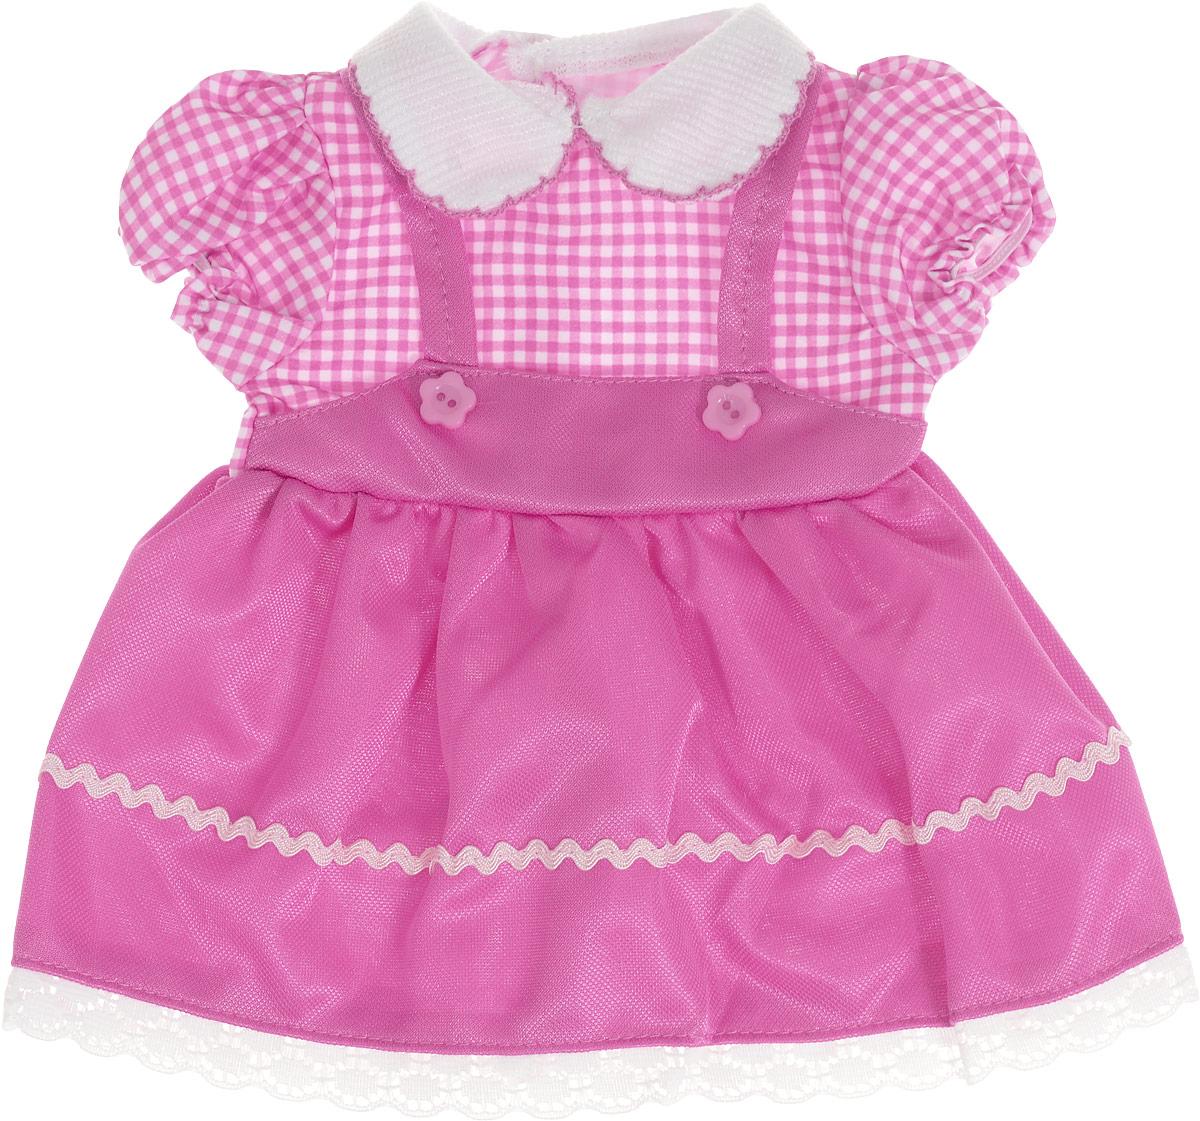 Junfa Toys Одежда для кукол Платье цвет платья розовый GC18-27